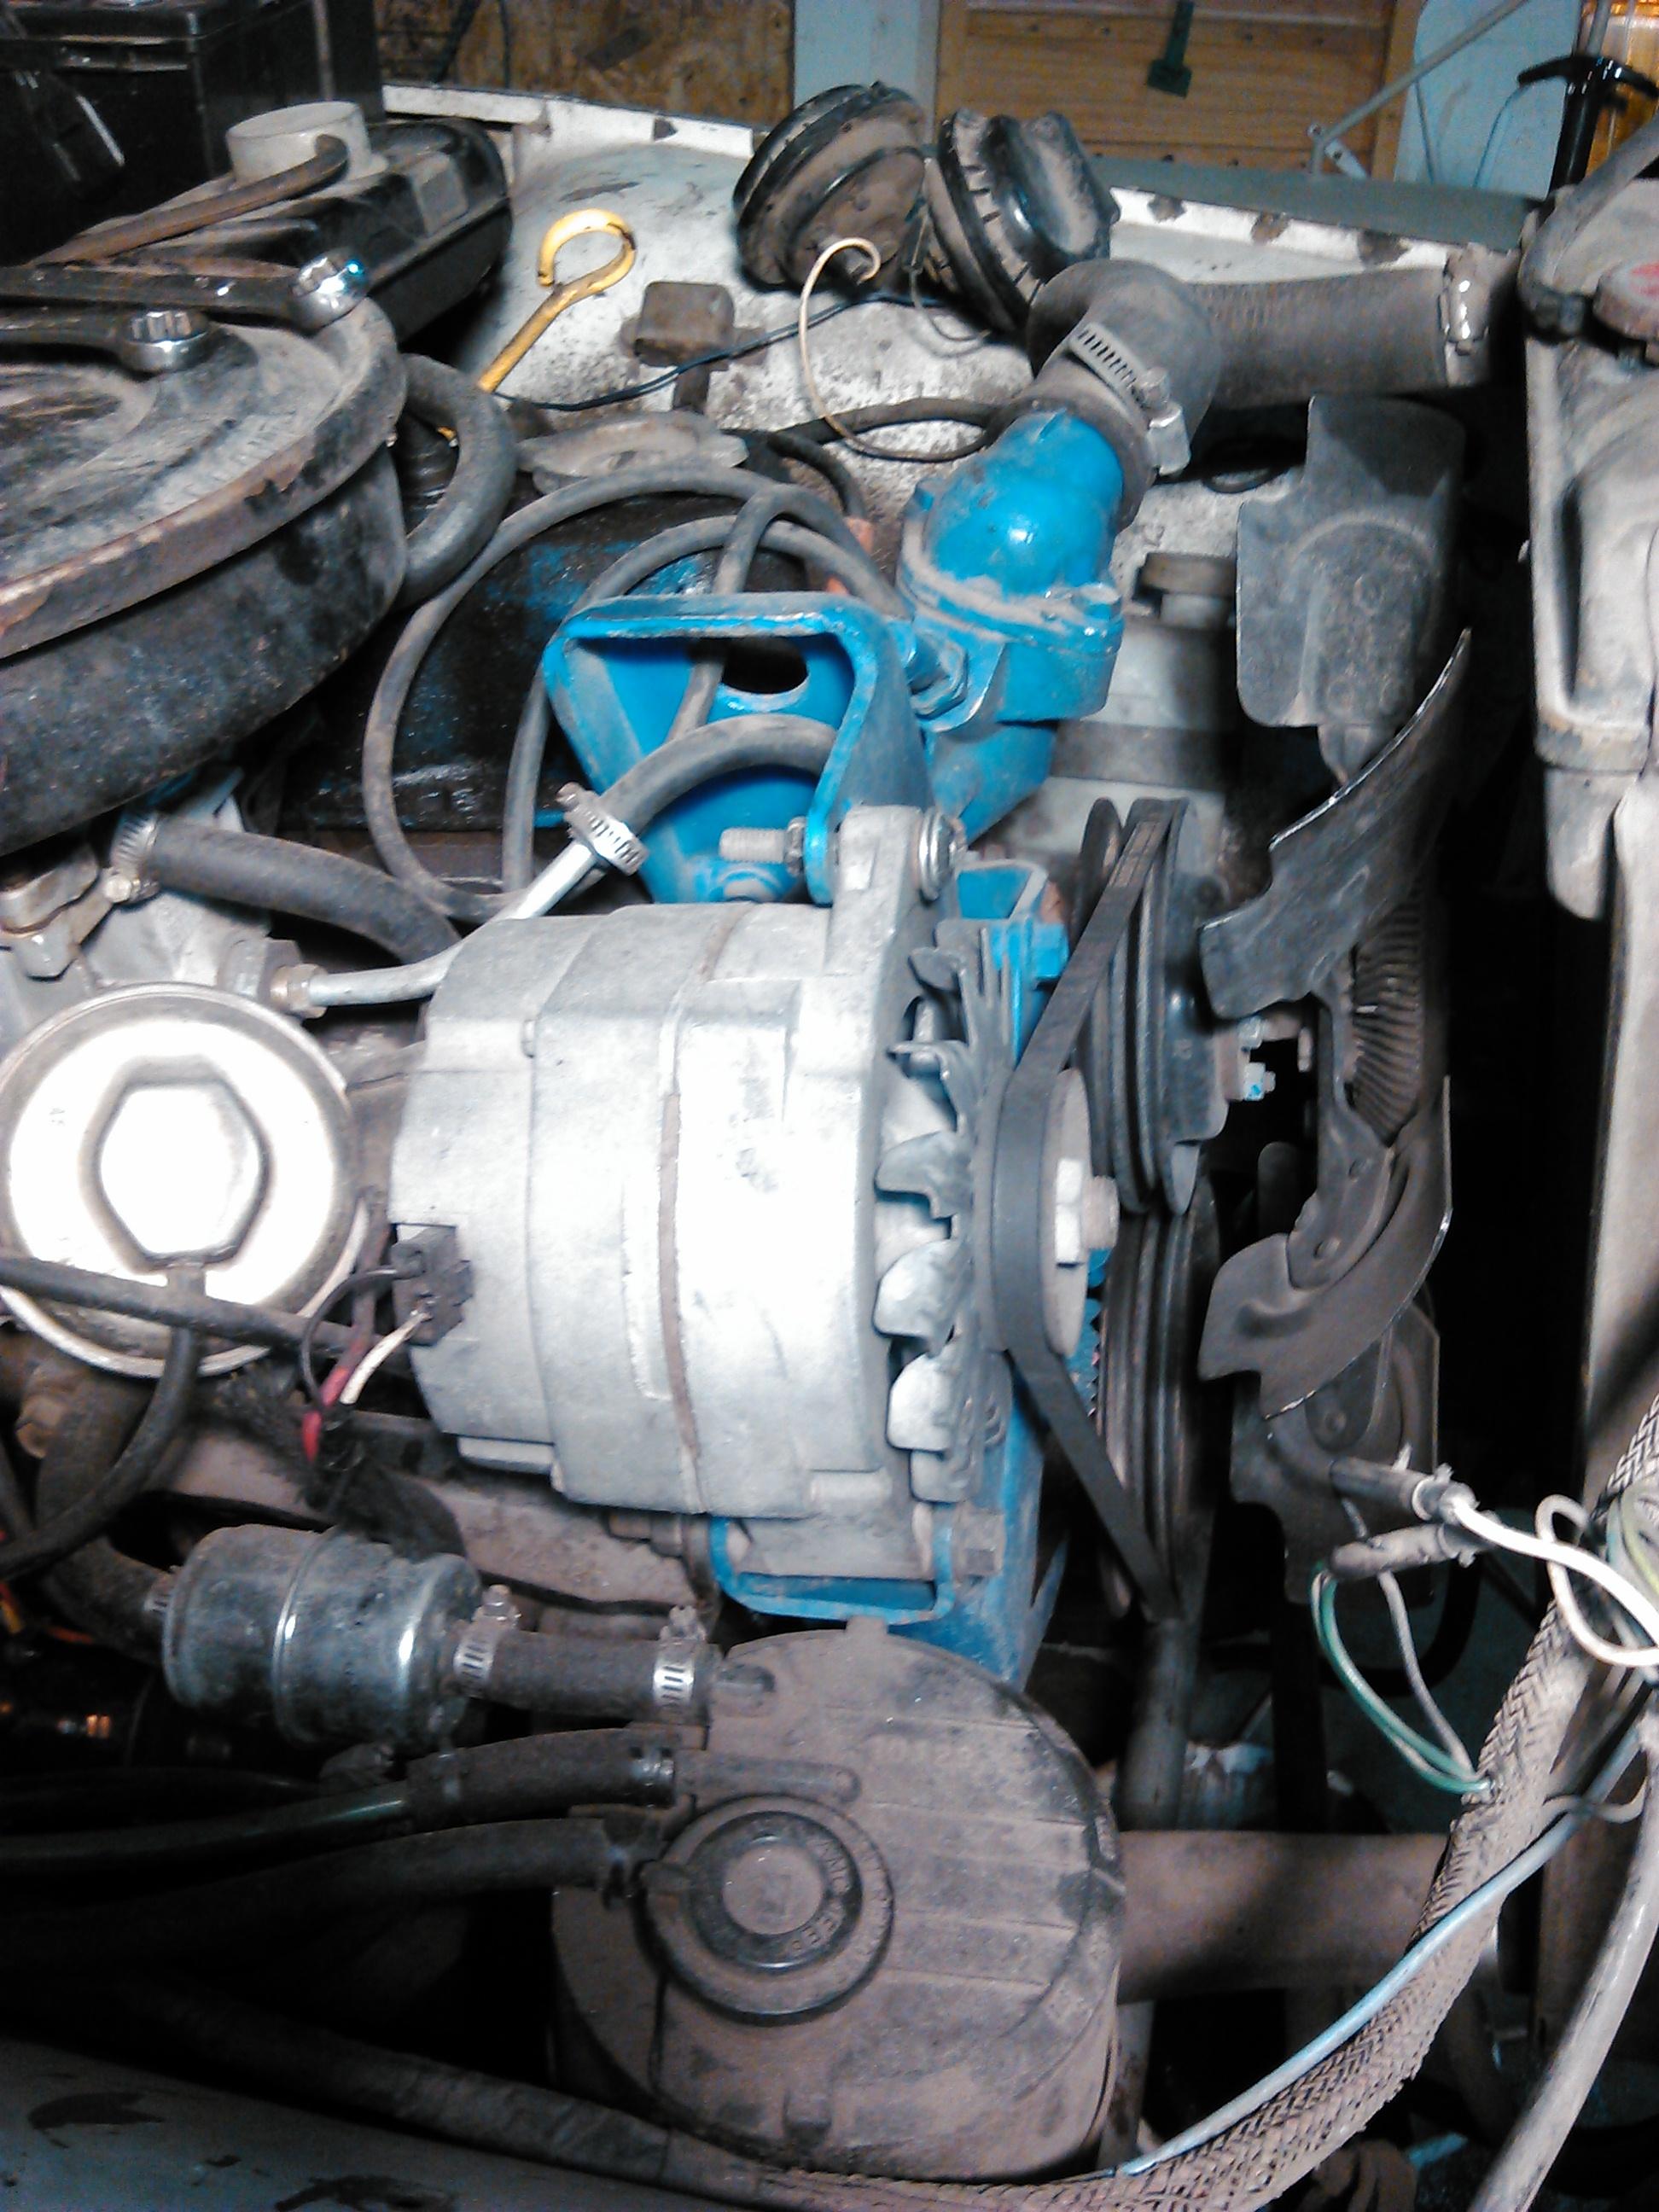 dj-engine-007.jpg